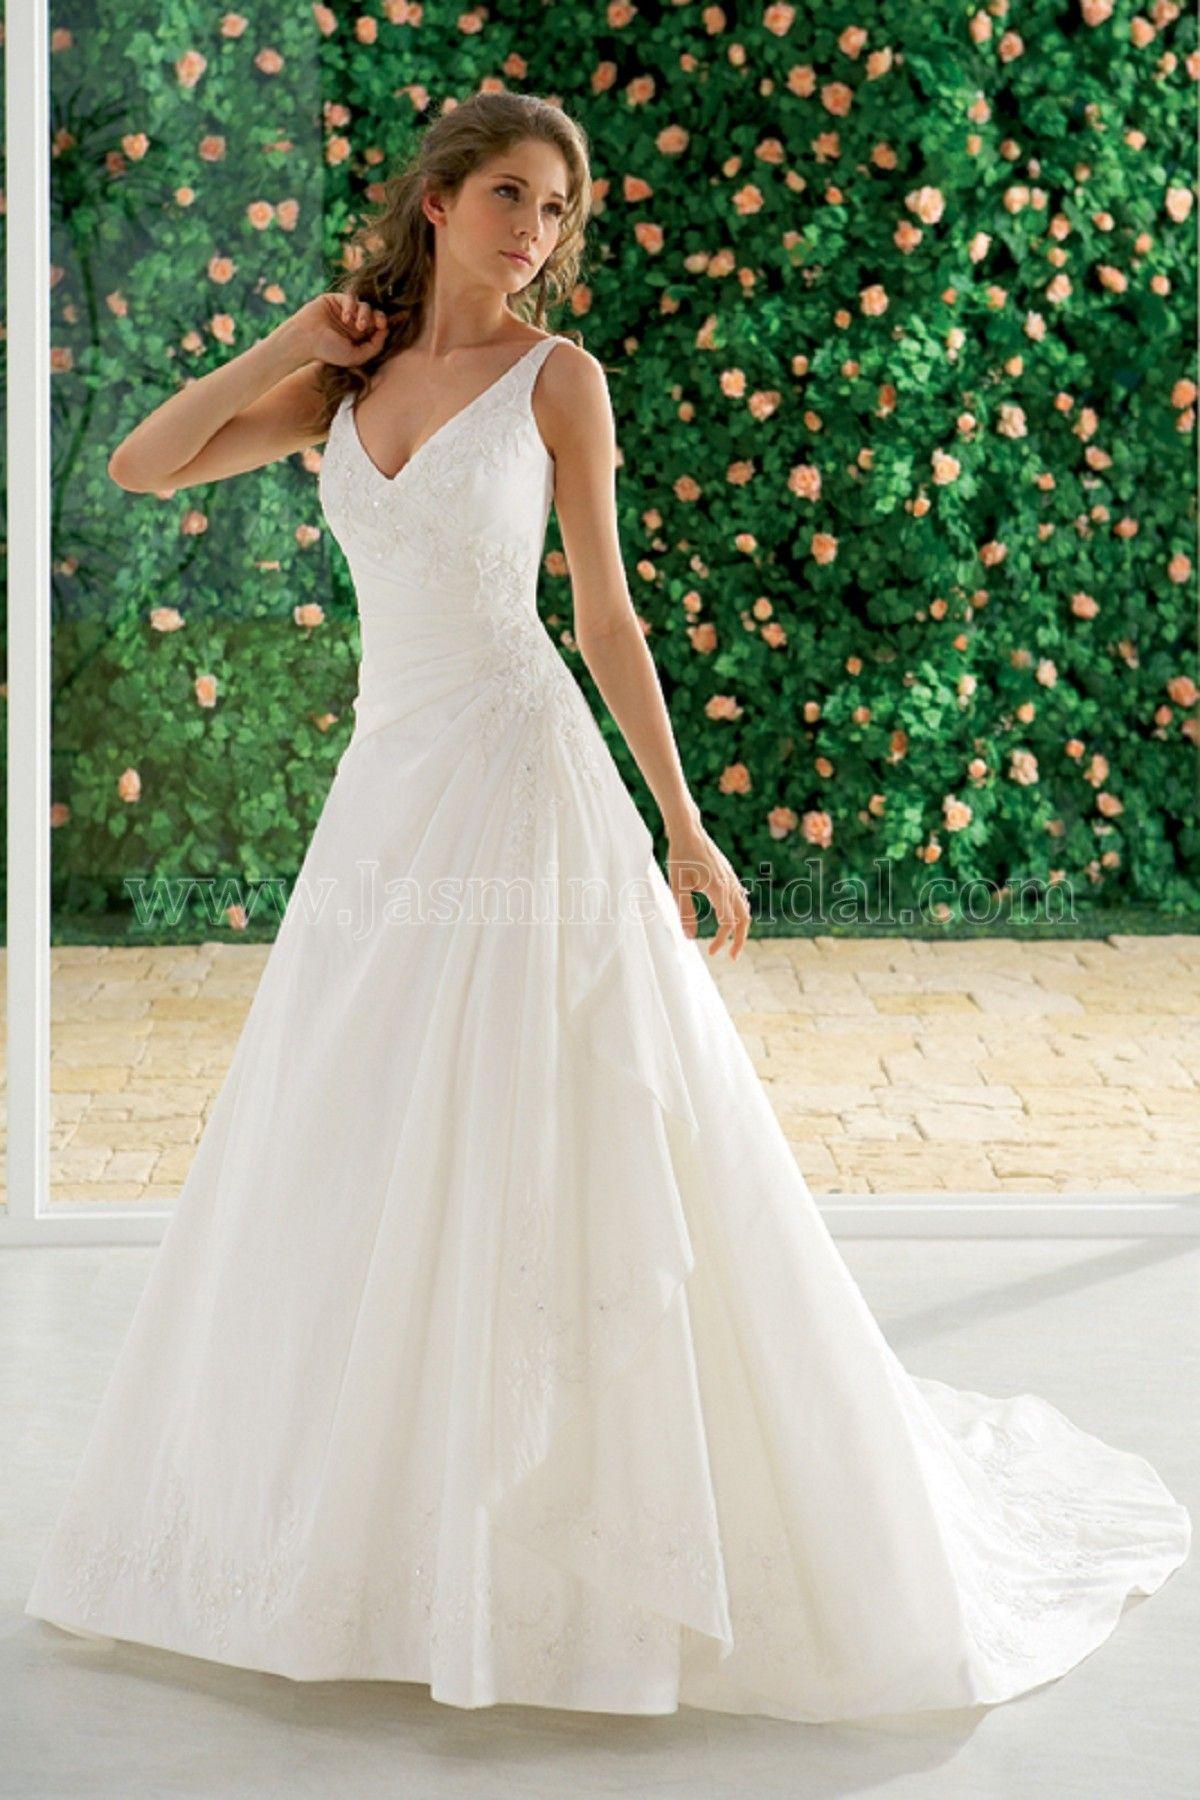 2a120517c988 Jasmine Bridal F912 De La Rosas | Bride Style in 2019 | Wedding ...